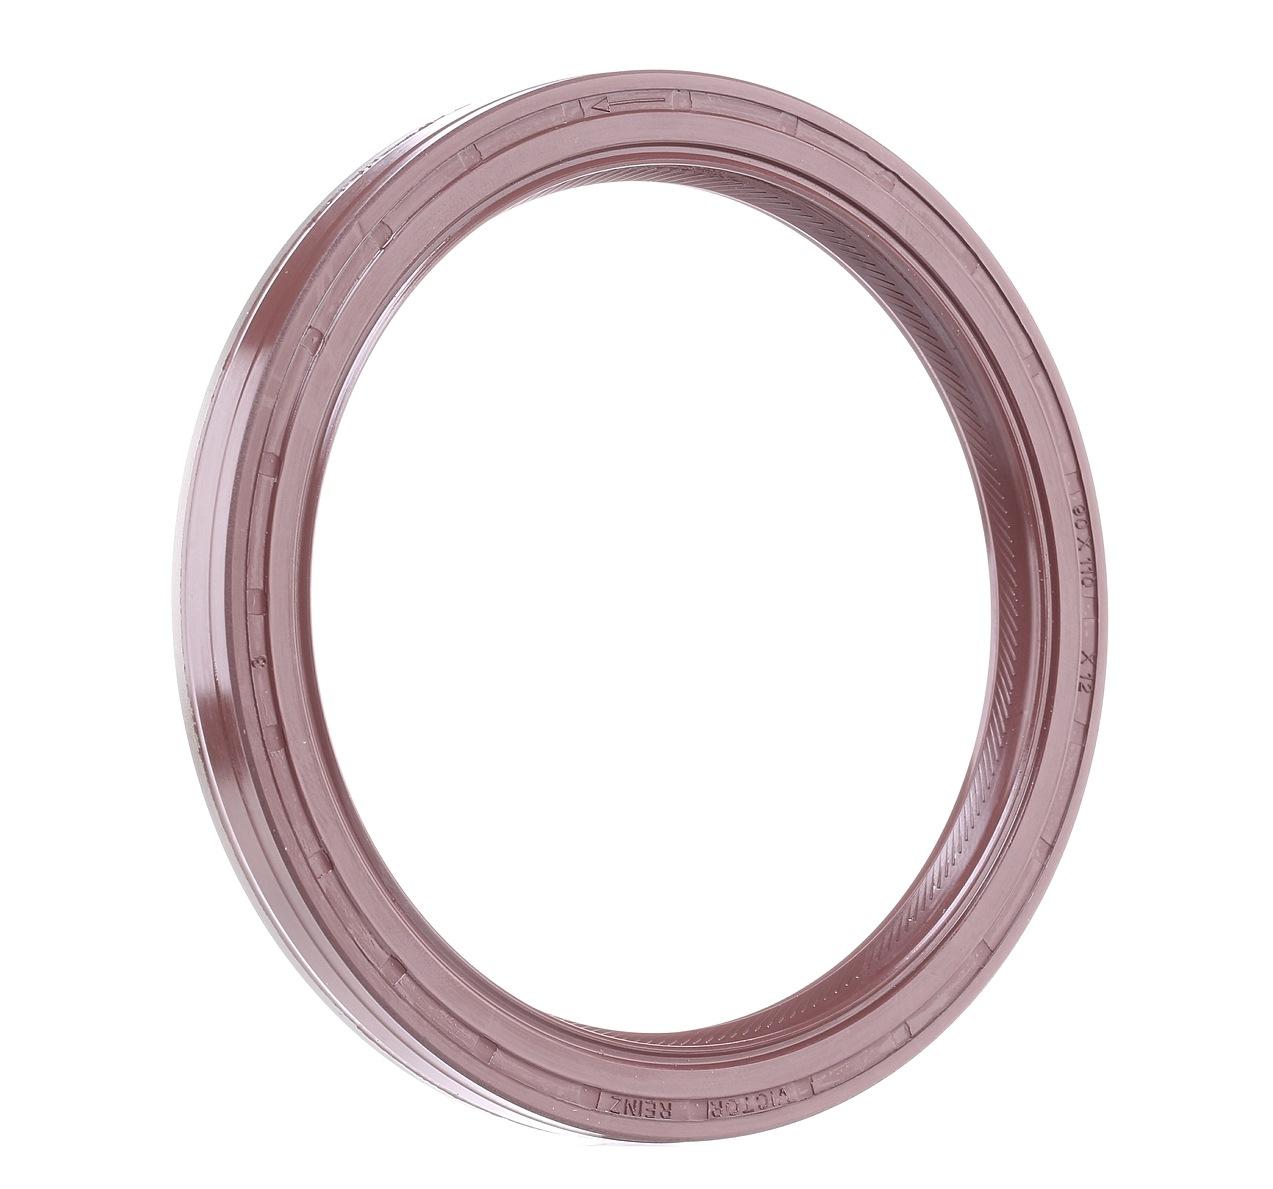 REINZ: Original Kurbelwellensimmering 81-20745-40 (Innendurchmesser: 90mm, Ø: 110mm)